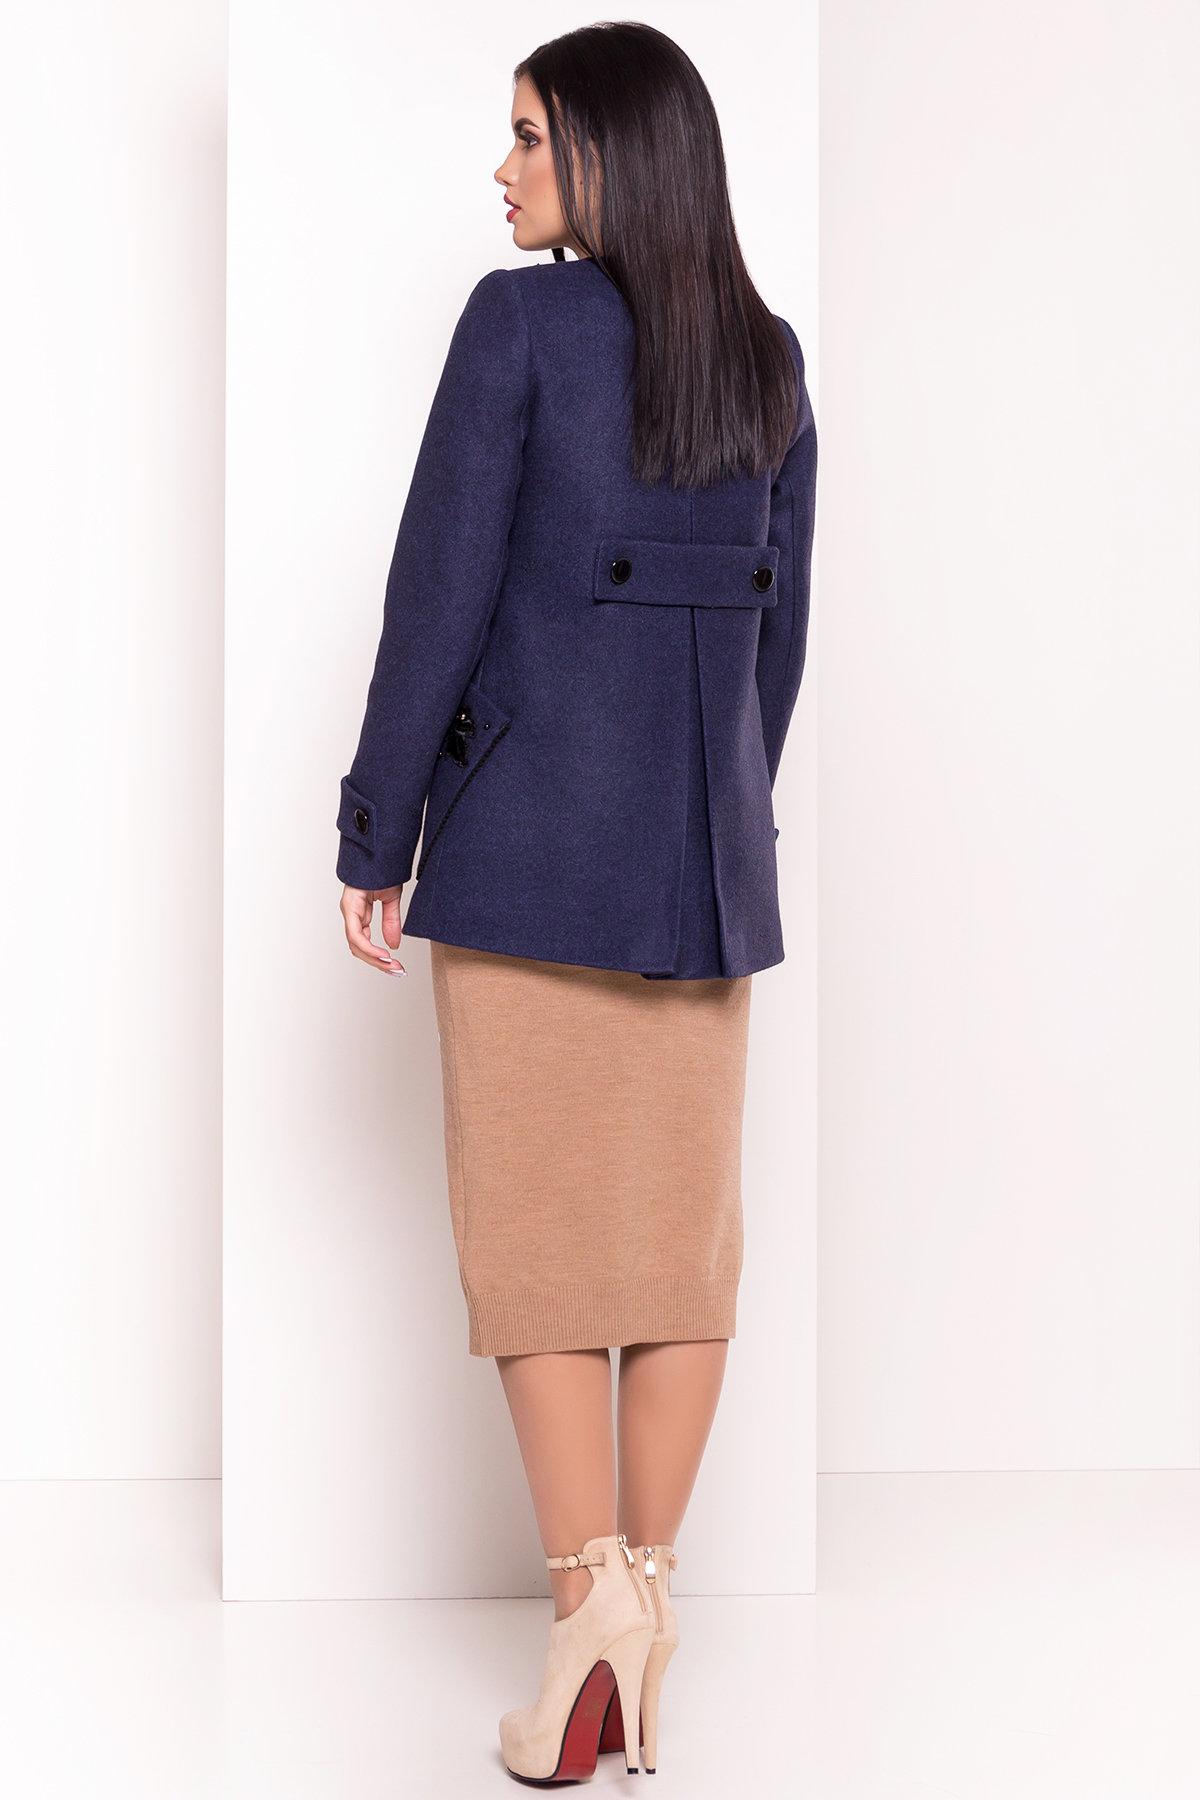 Укороченное пальто-трапеция с вышивкой Латта 5526 АРТ. 37721 Цвет: Синий 1 - фото 2, интернет магазин tm-modus.ru